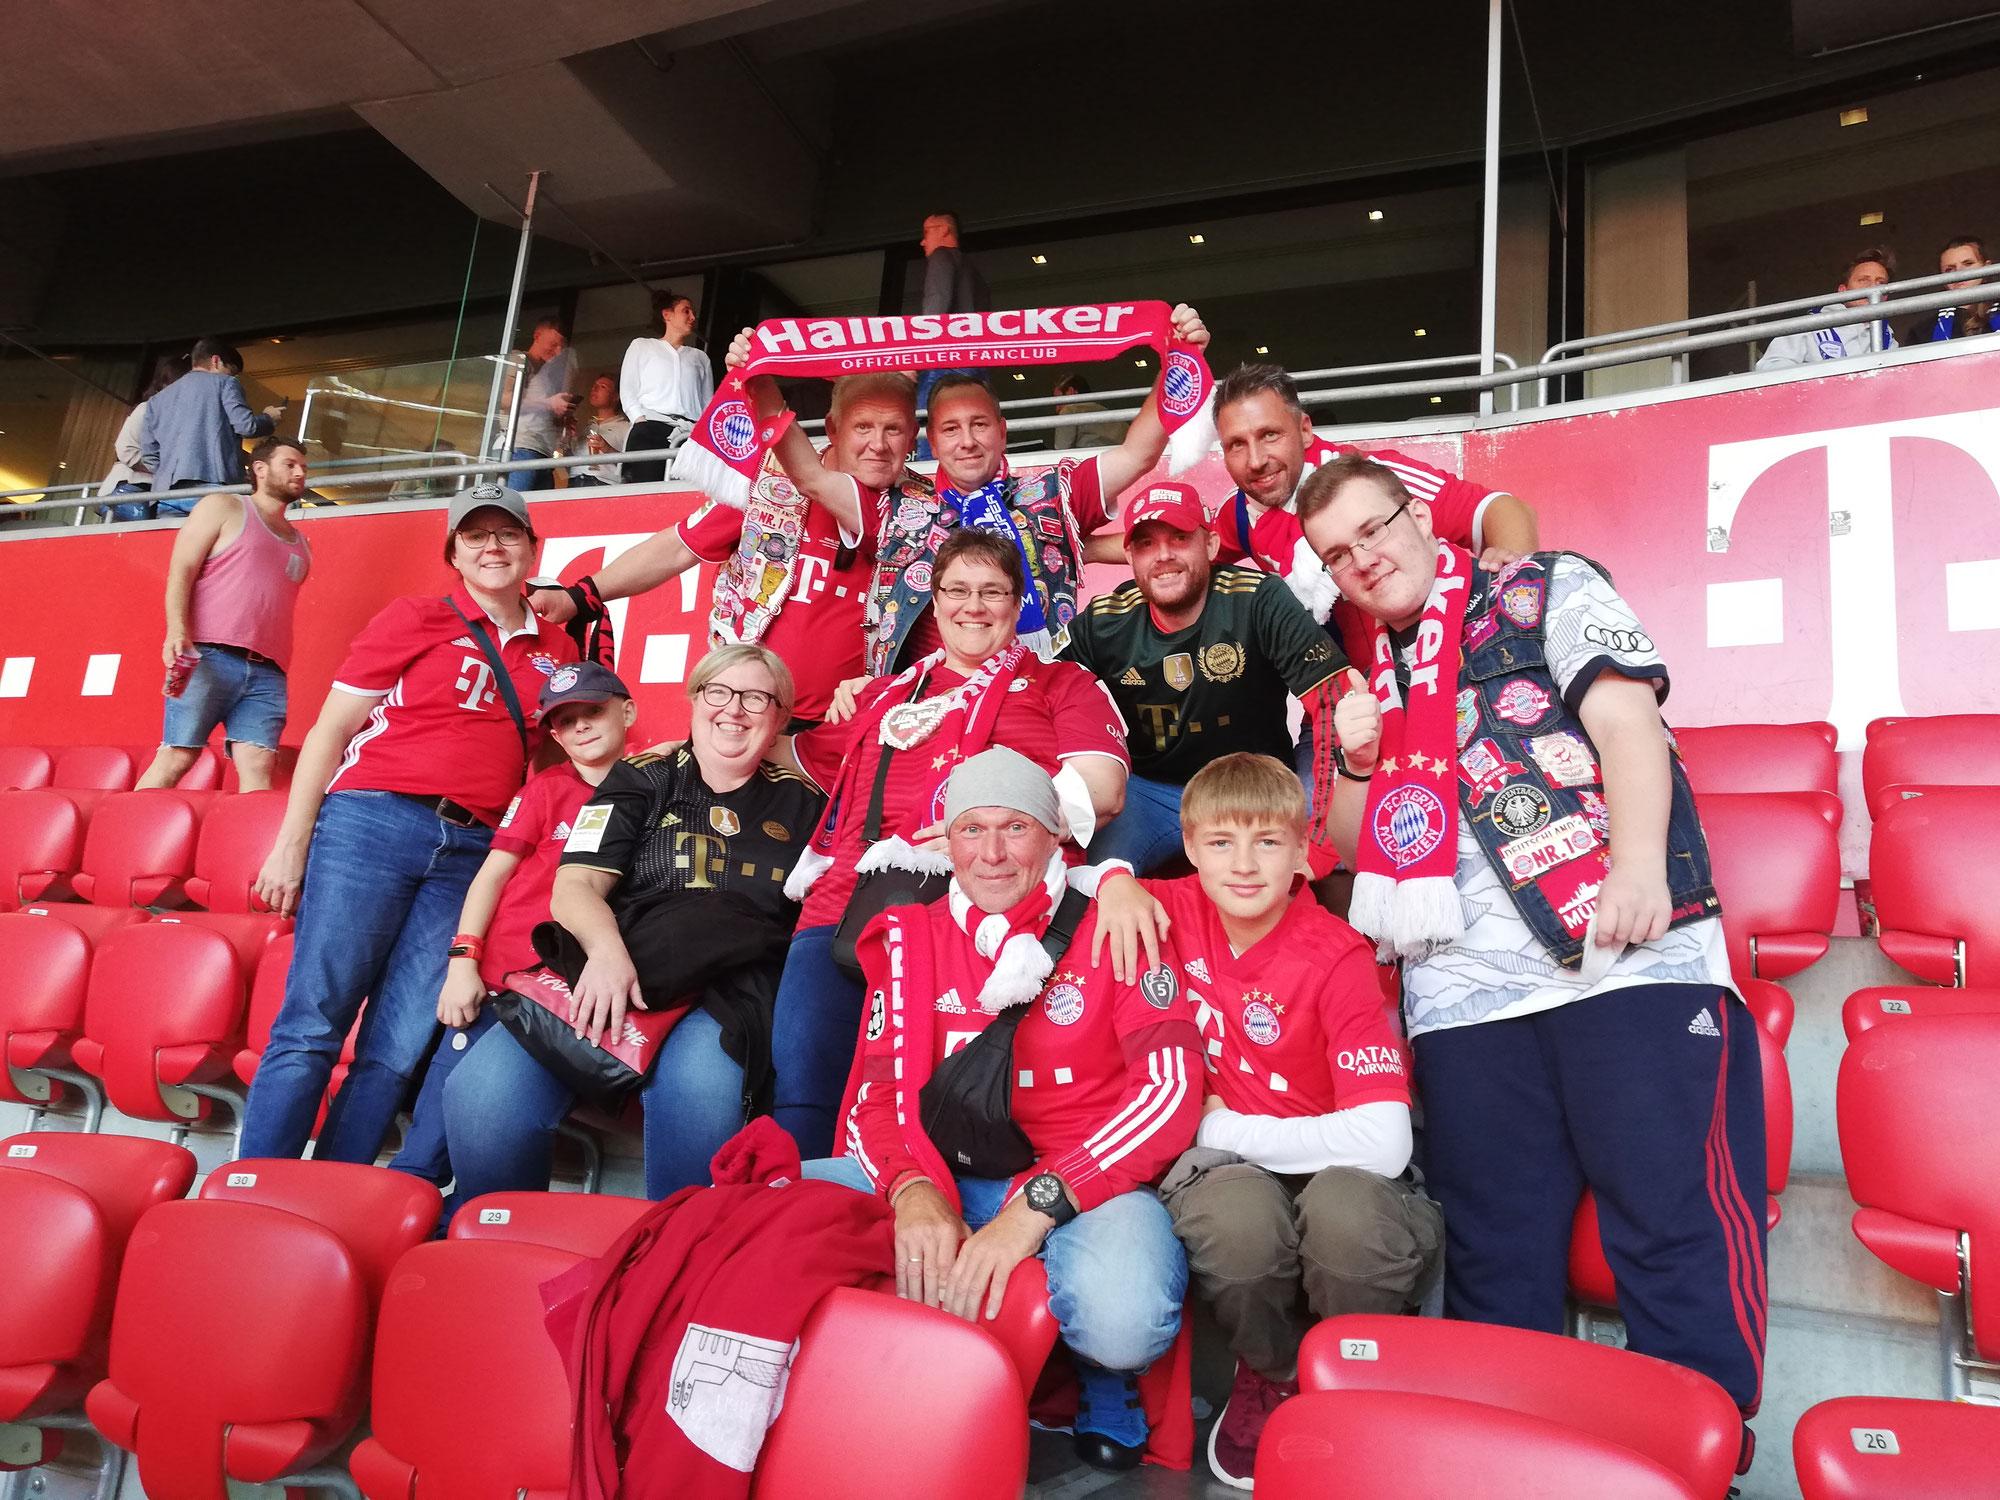 Unsere Fanclub Fahrt gegen den VfL Bochum